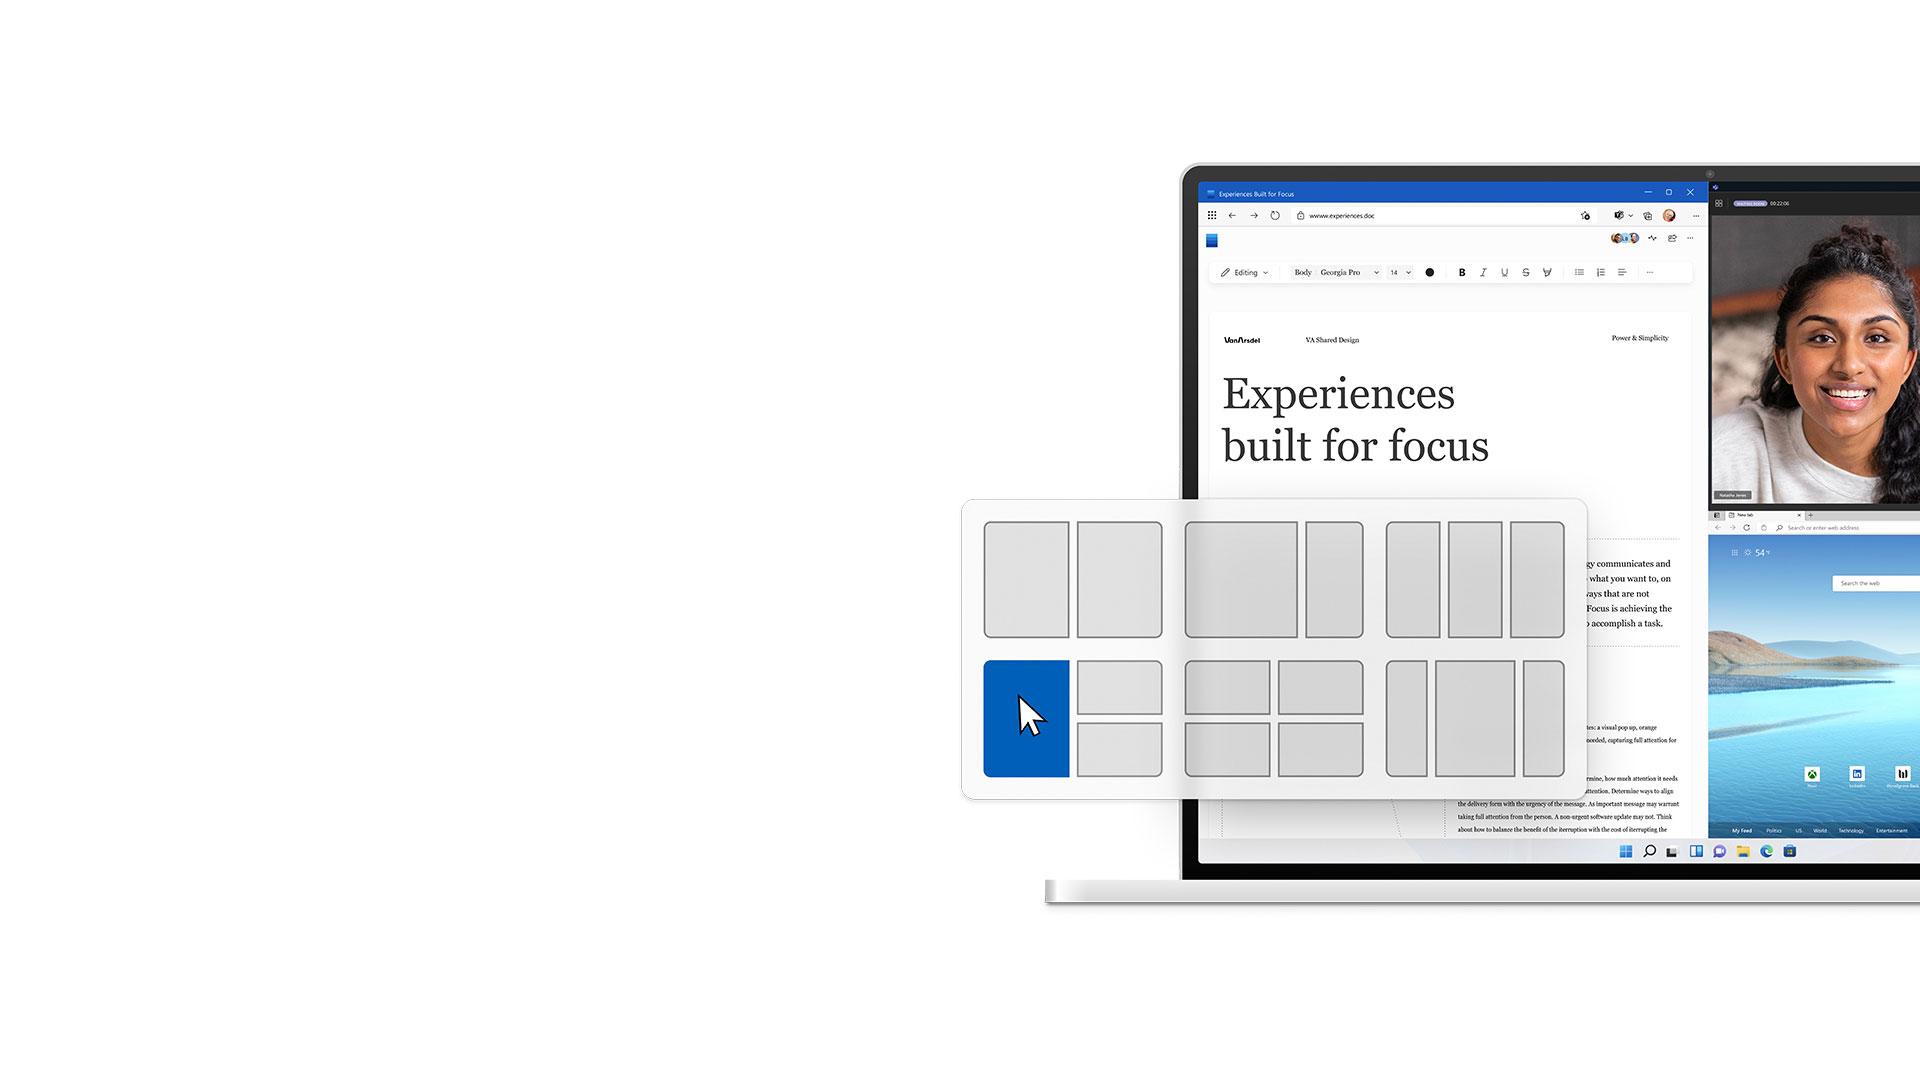 Windows 11 贴靠功能在一个屏幕上显示三个应用程序